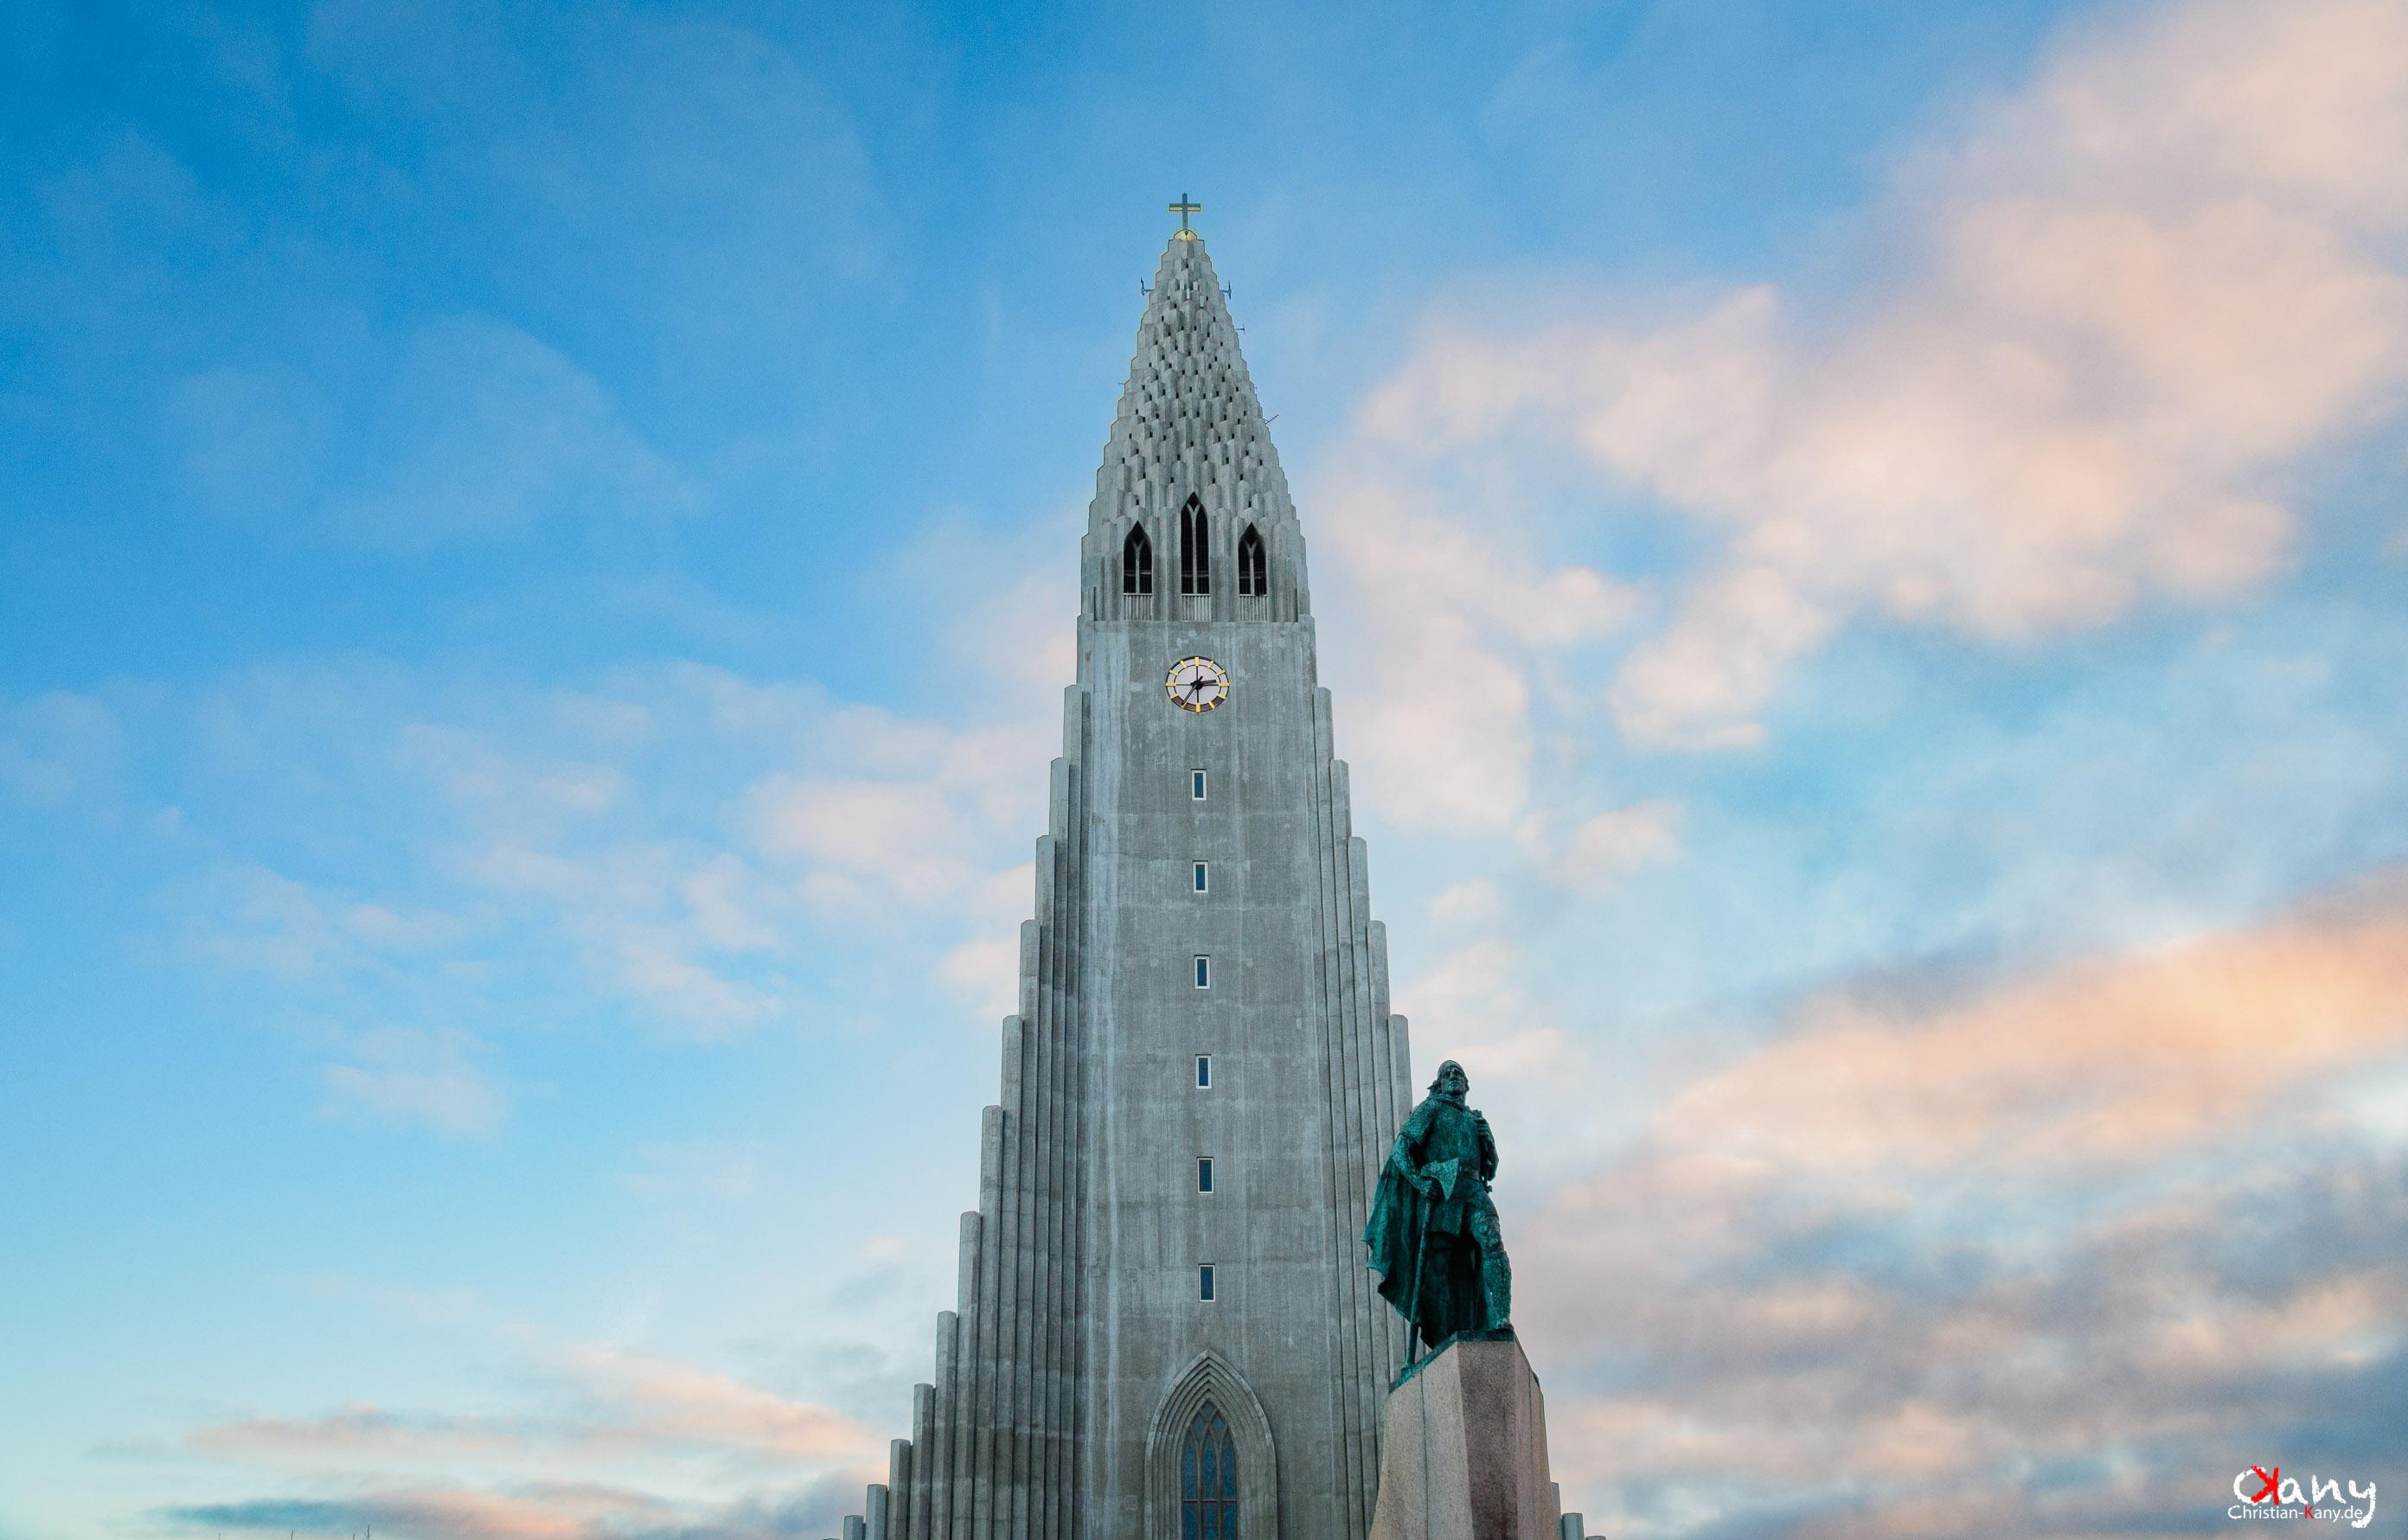 Hallgrimskirche & Leifur Eiríksson monument